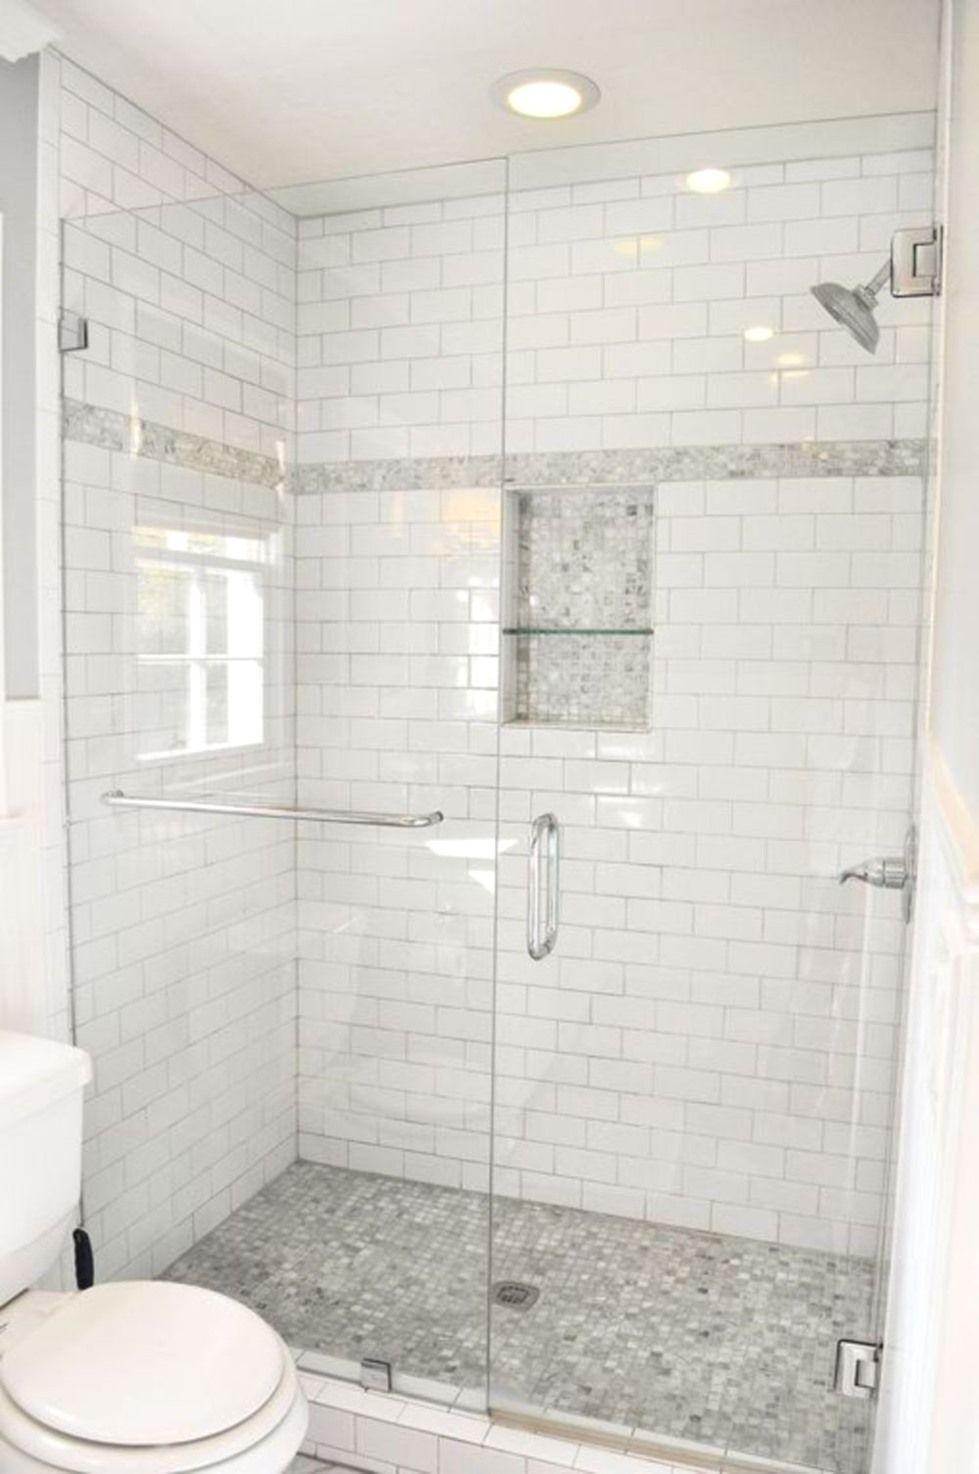 remodeling bathroom estimate calculator | My Bathroom ...